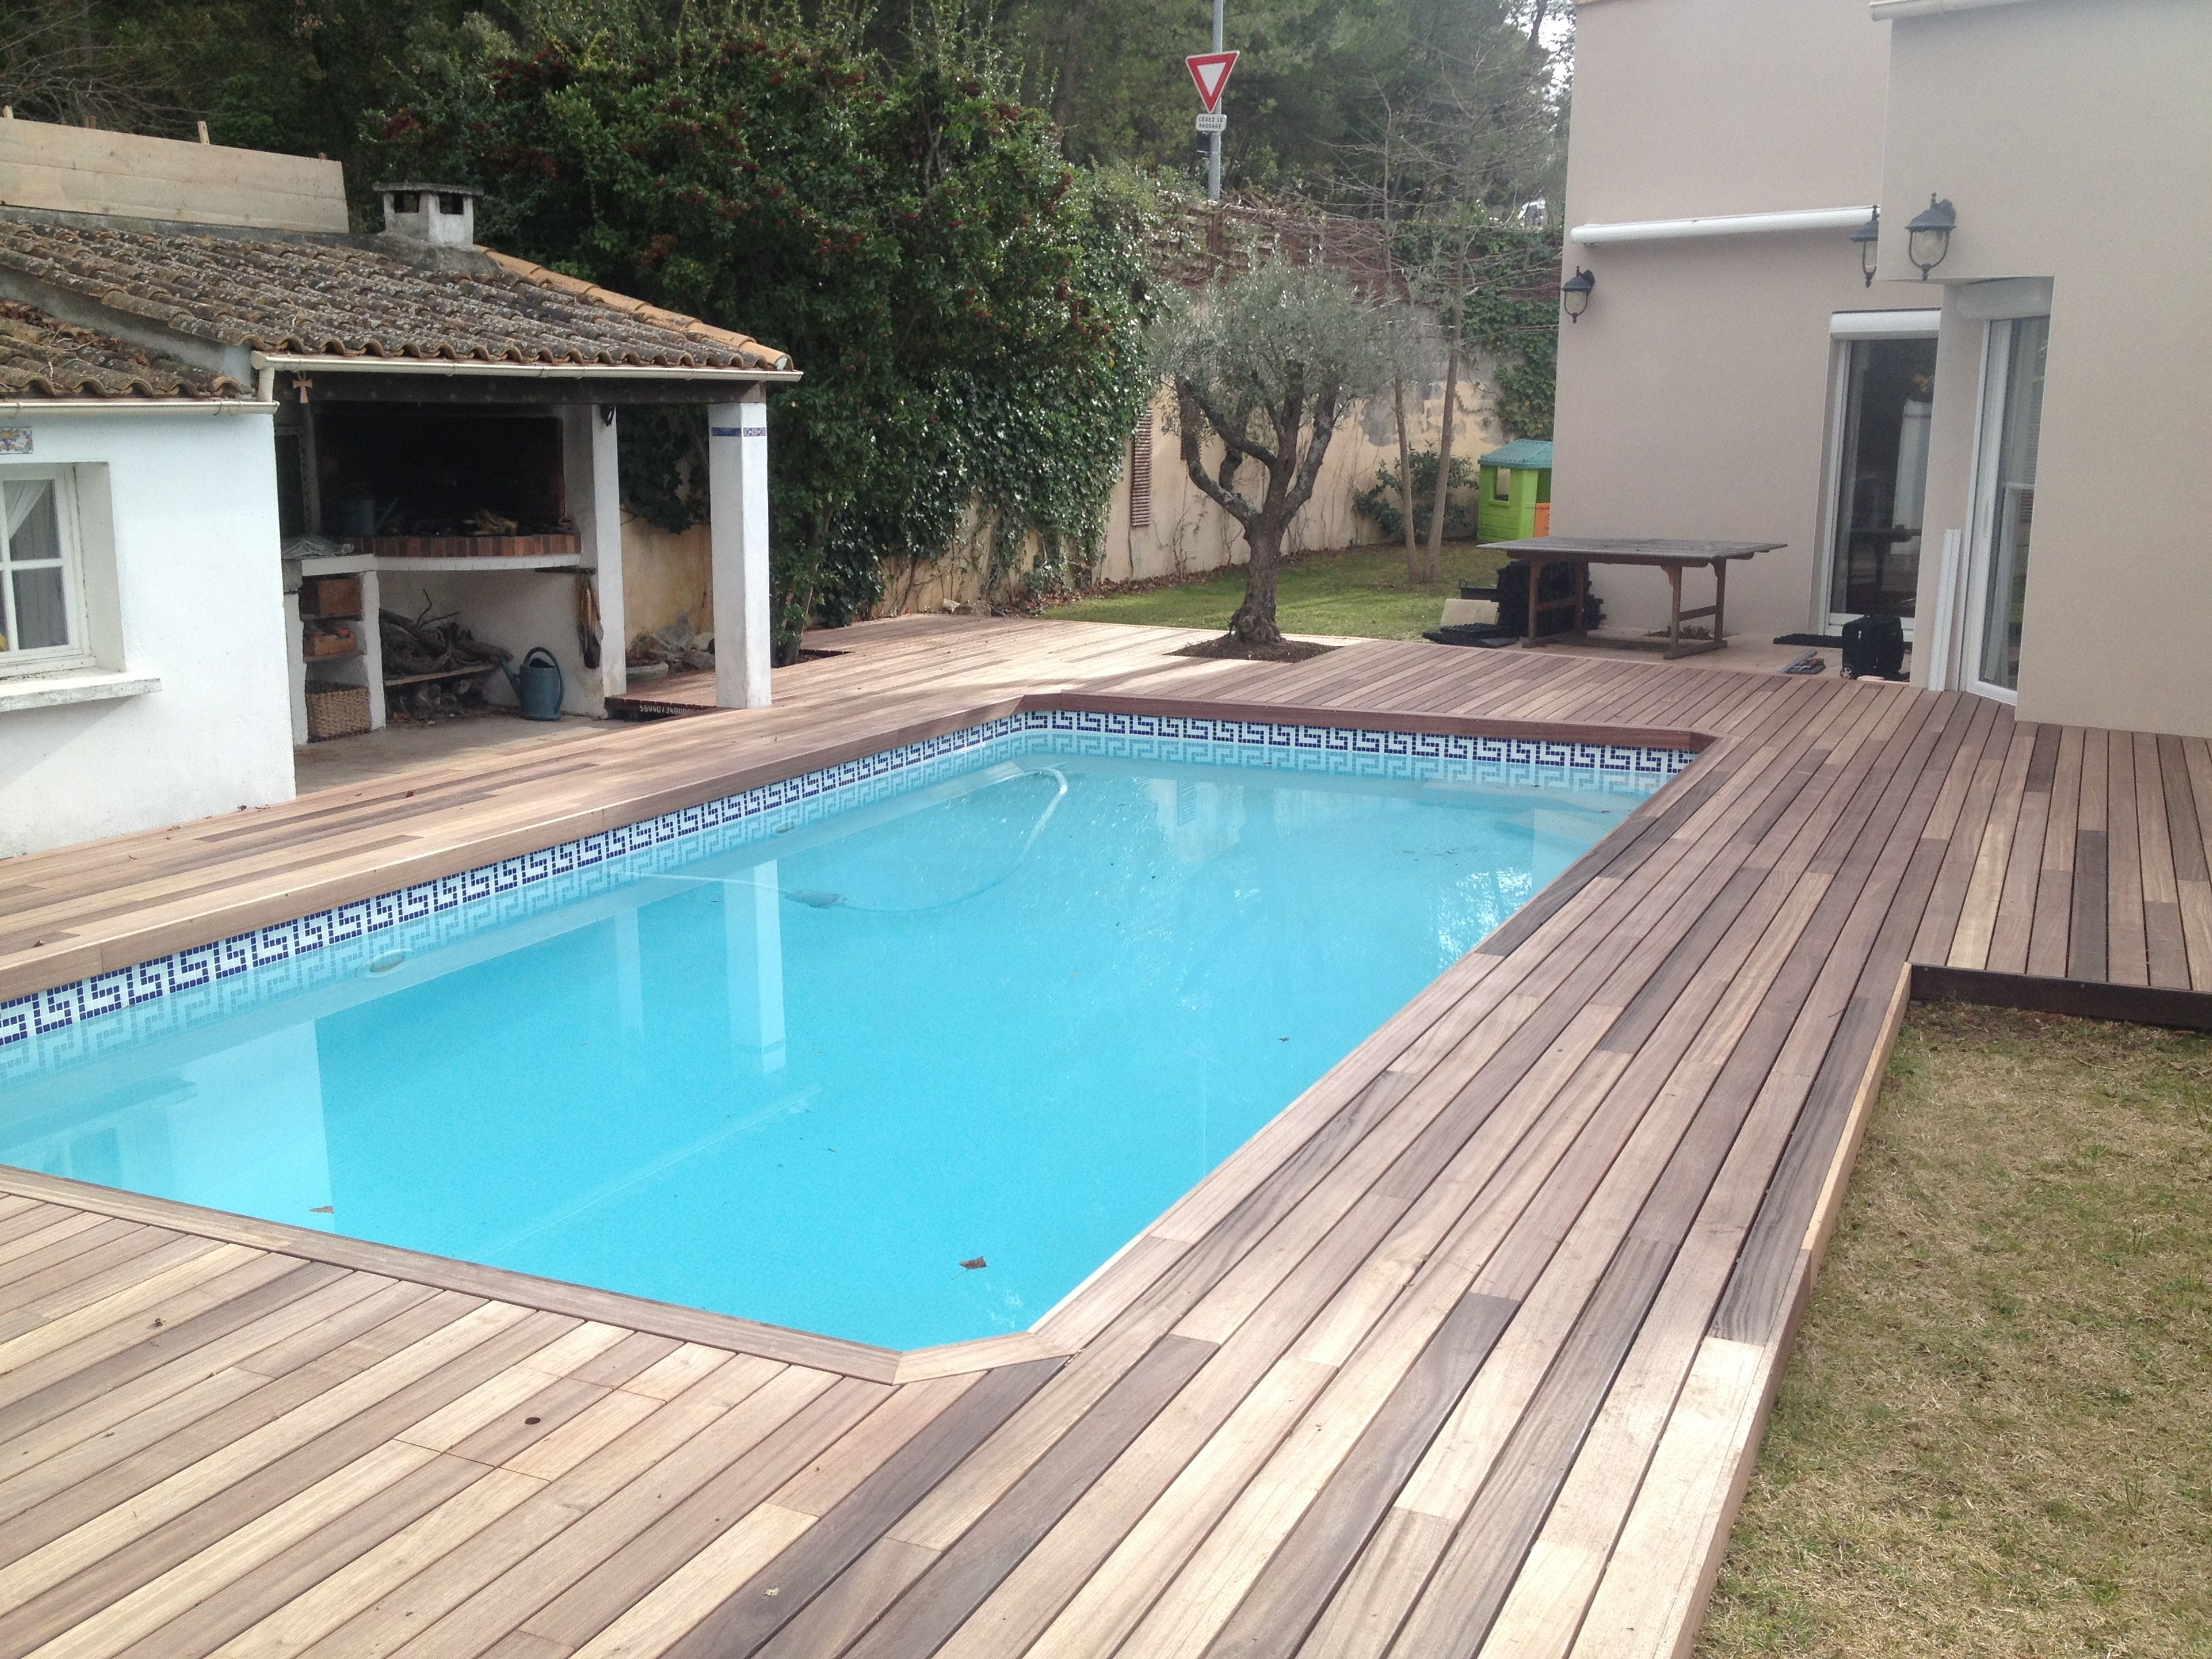 Terrasse de piscine en Padouk visserie cachée avec margelle intégrée ...